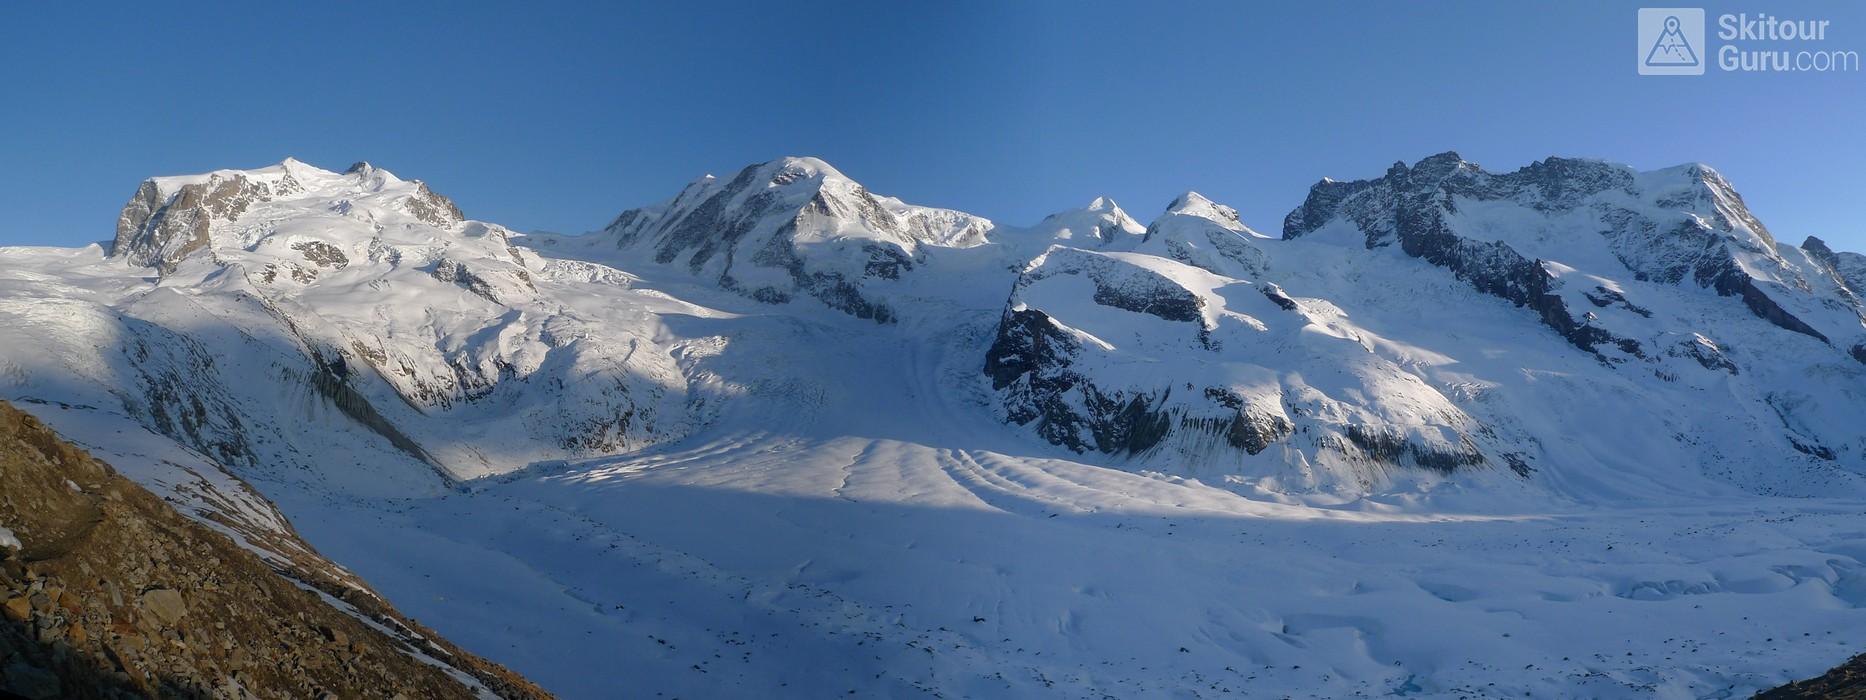 Monte Rosa Hütte Walliser Alpen / Alpes valaisannes Switzerland panorama 18